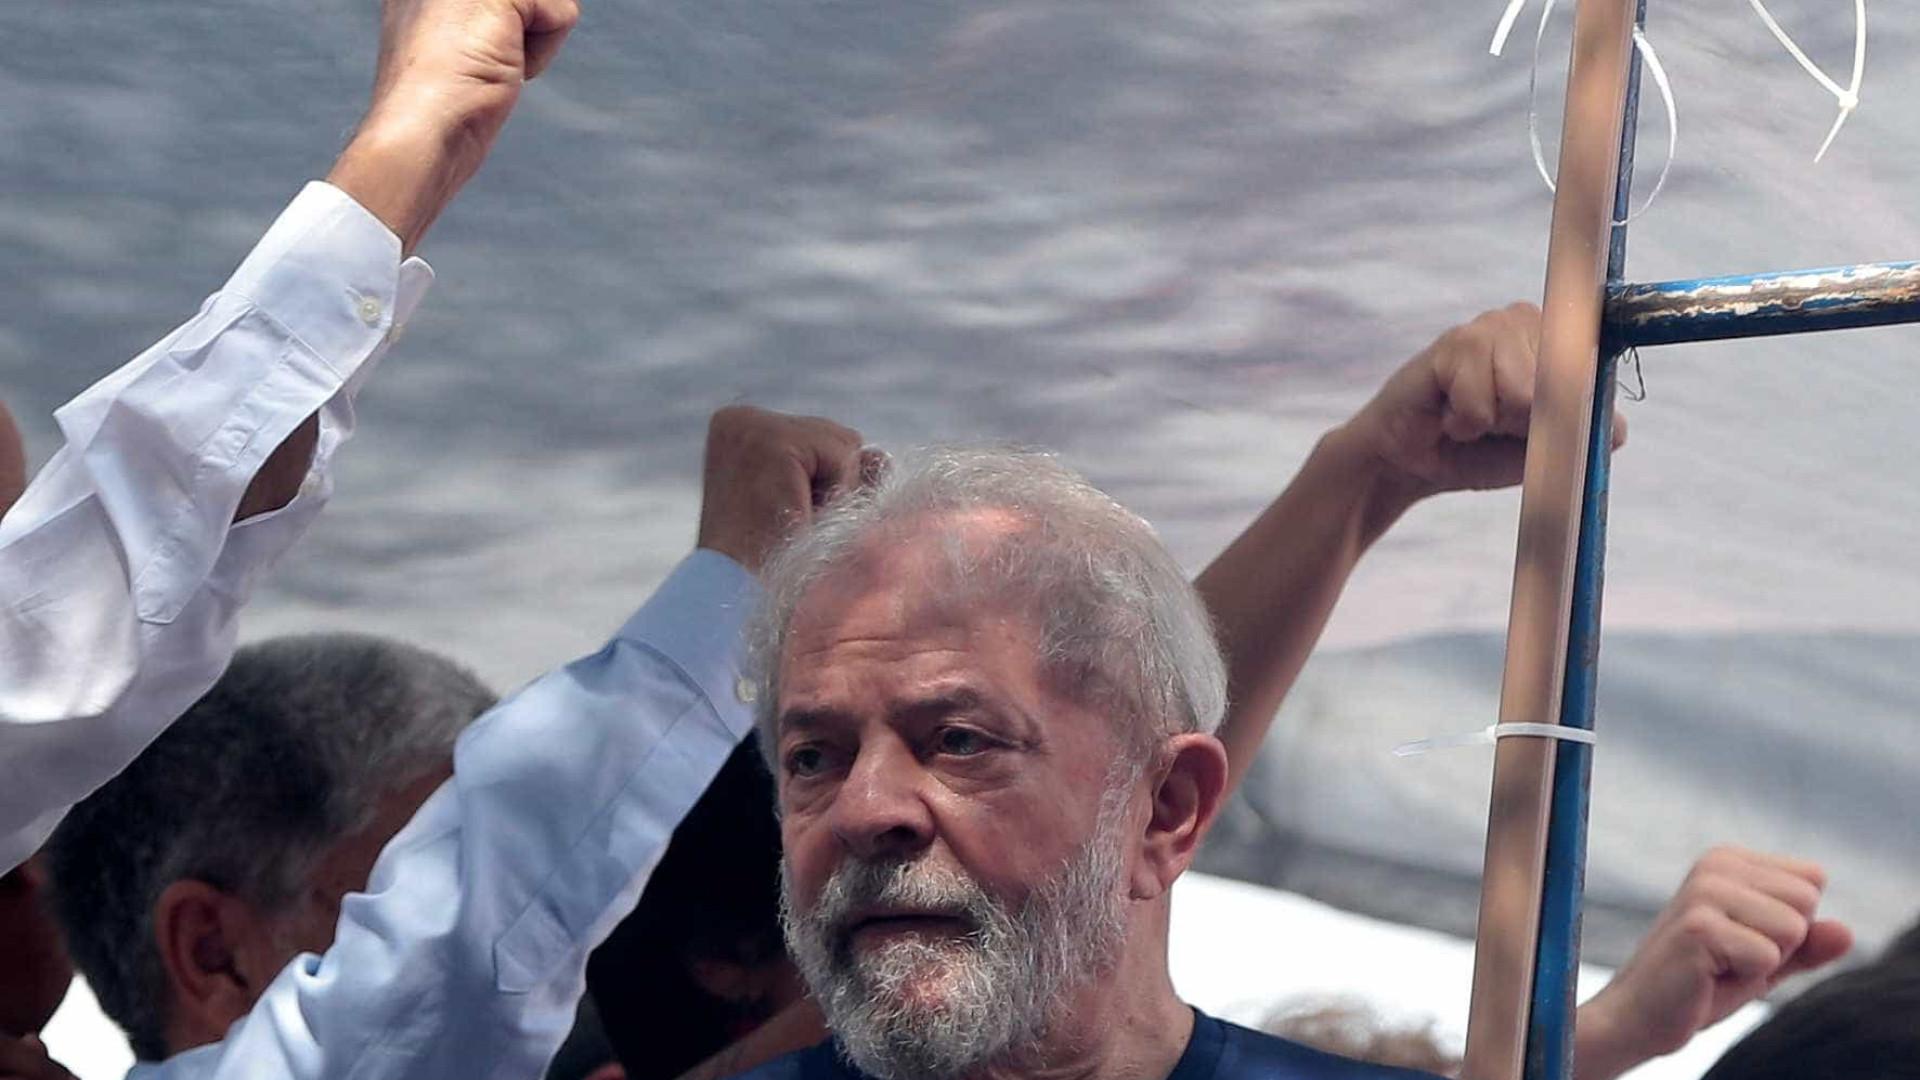 Em guerra de decisões sobre soltura de Lula, memes ganham vez na web